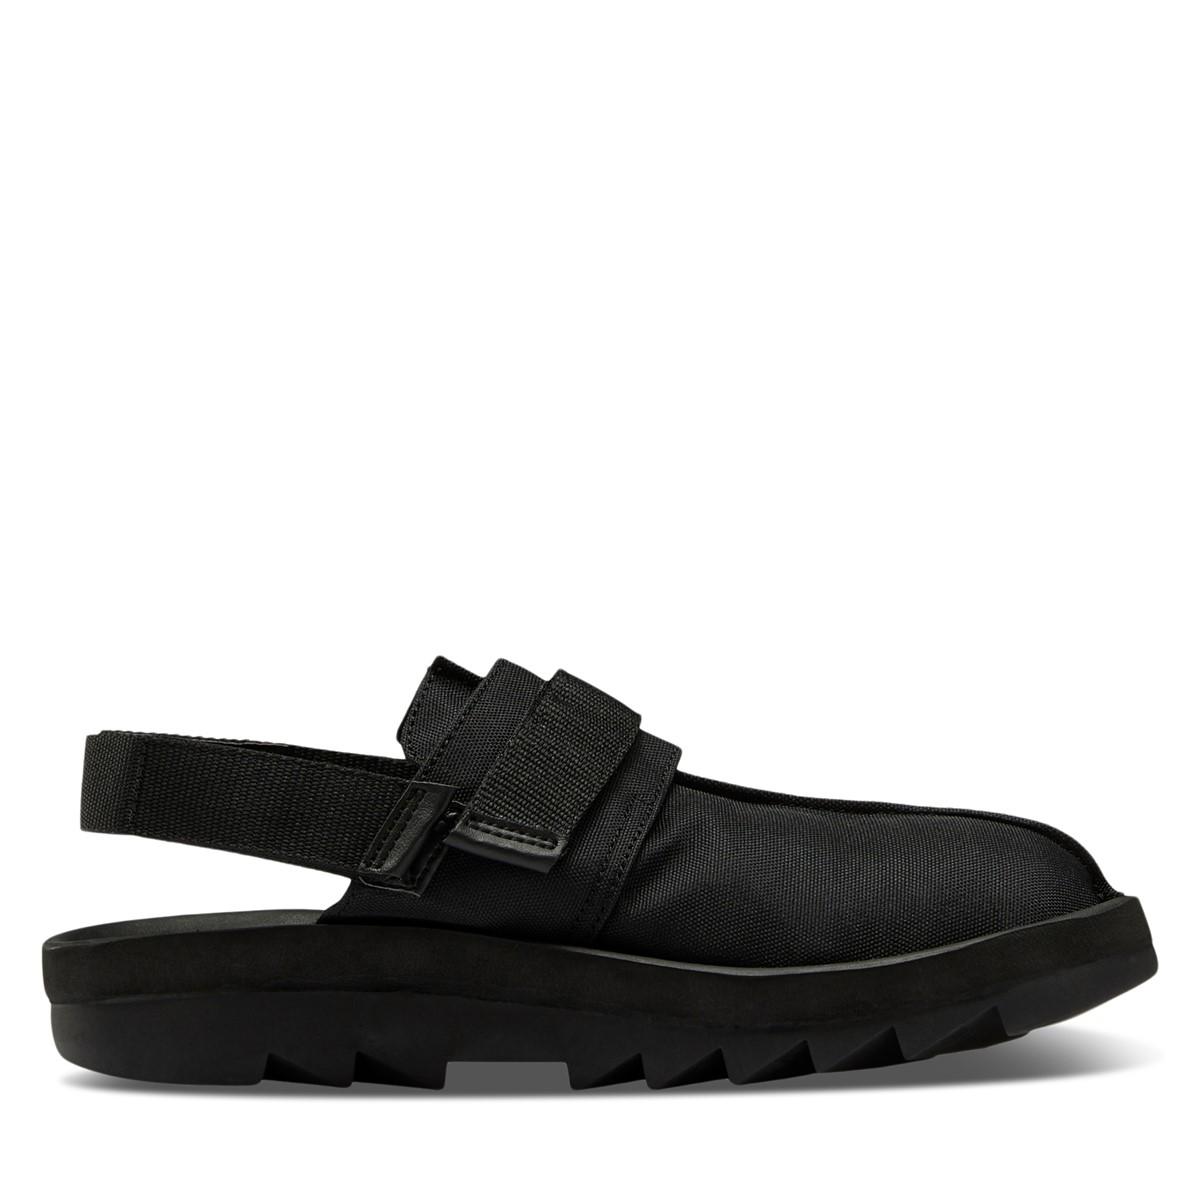 Sandales Beatnik noires